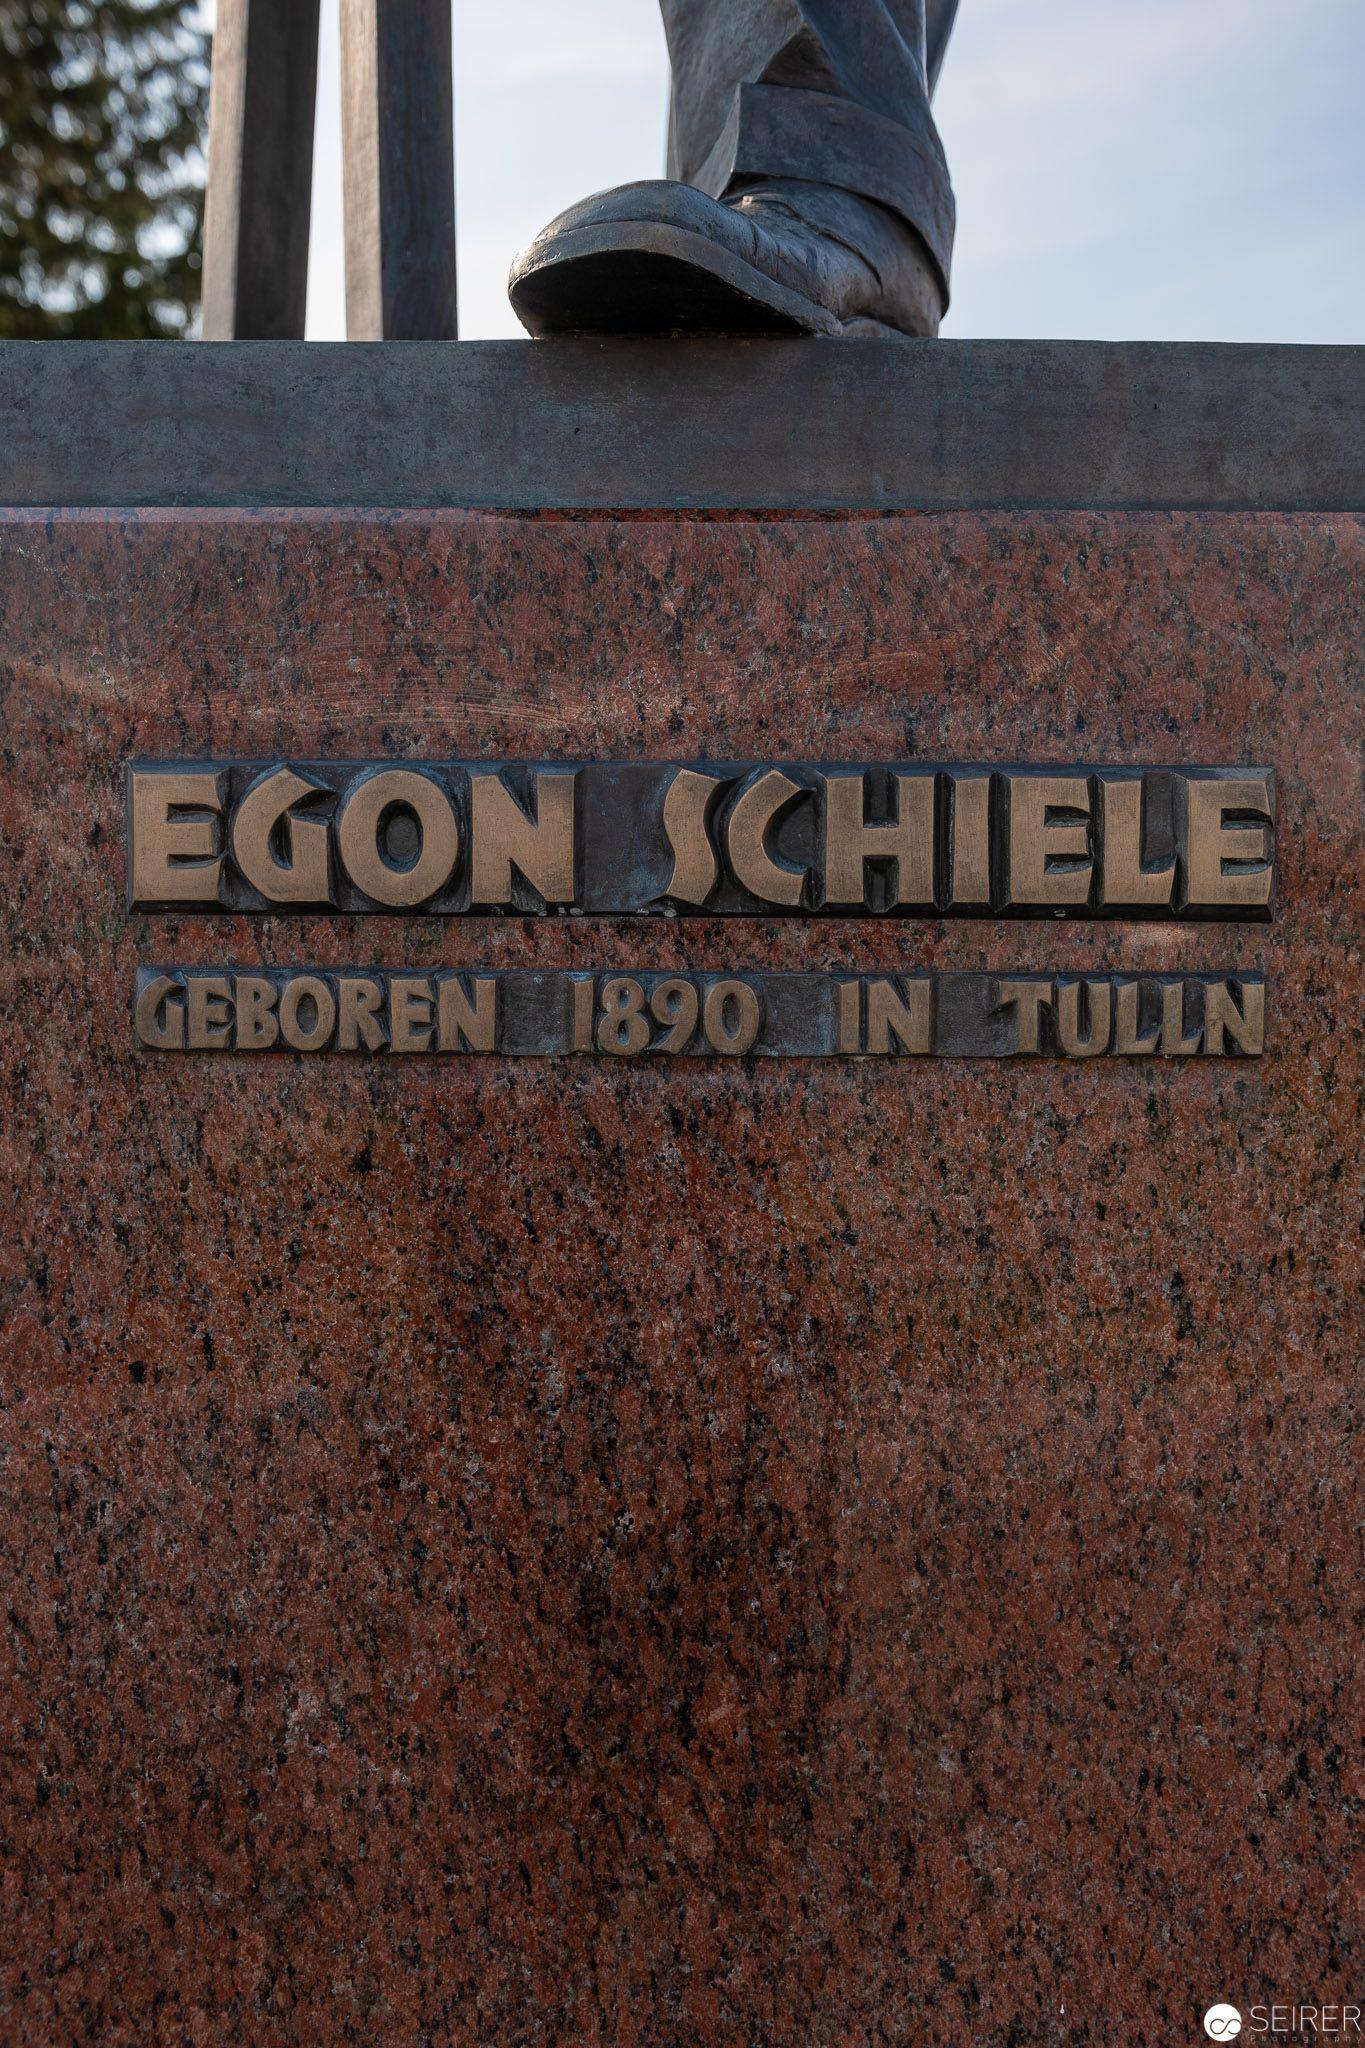 Egon Schiele Museum in Tulln